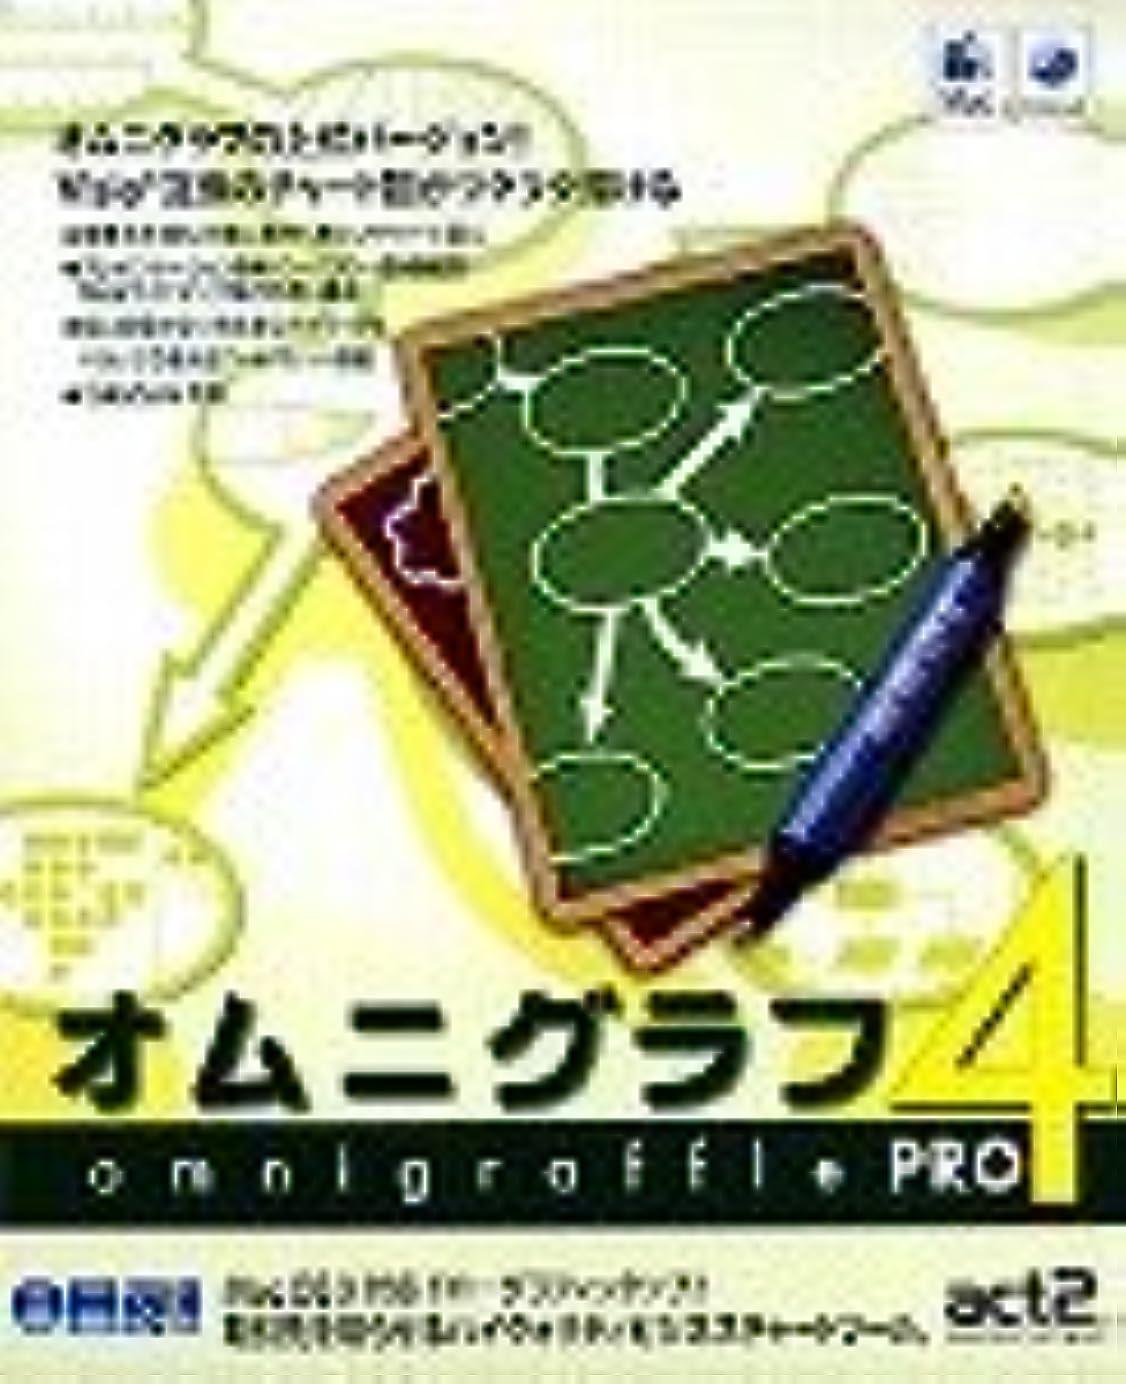 ネブ海軍民兵Omni Graffle 4 Professional (Universalアプリケーション)